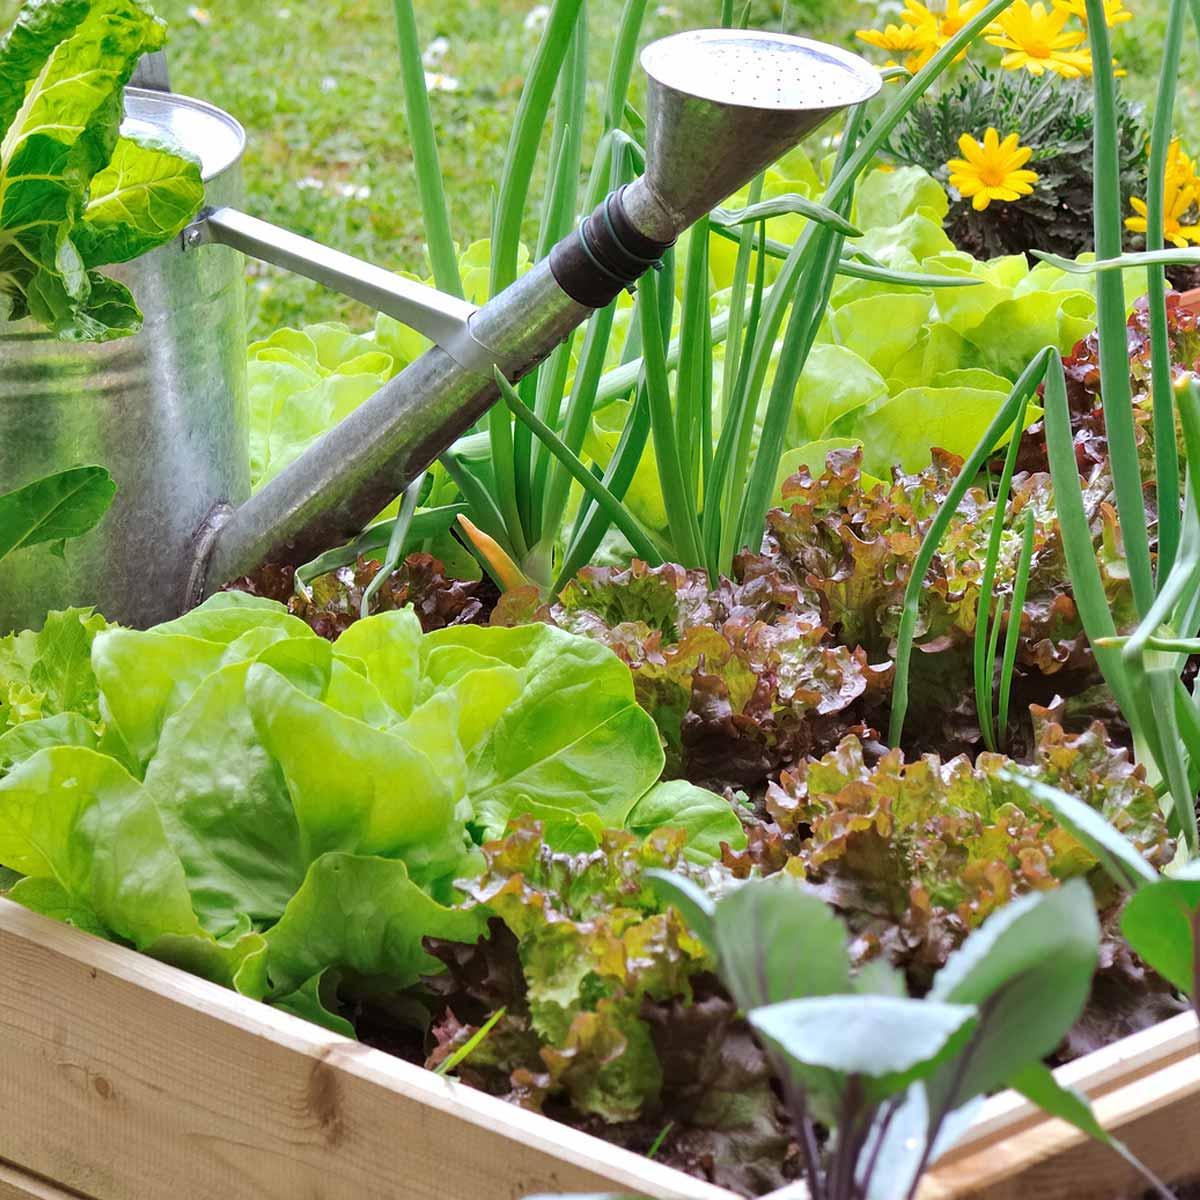 Un Petit Potager Productif acheter le bon matériel pour le potager et semis | jardins